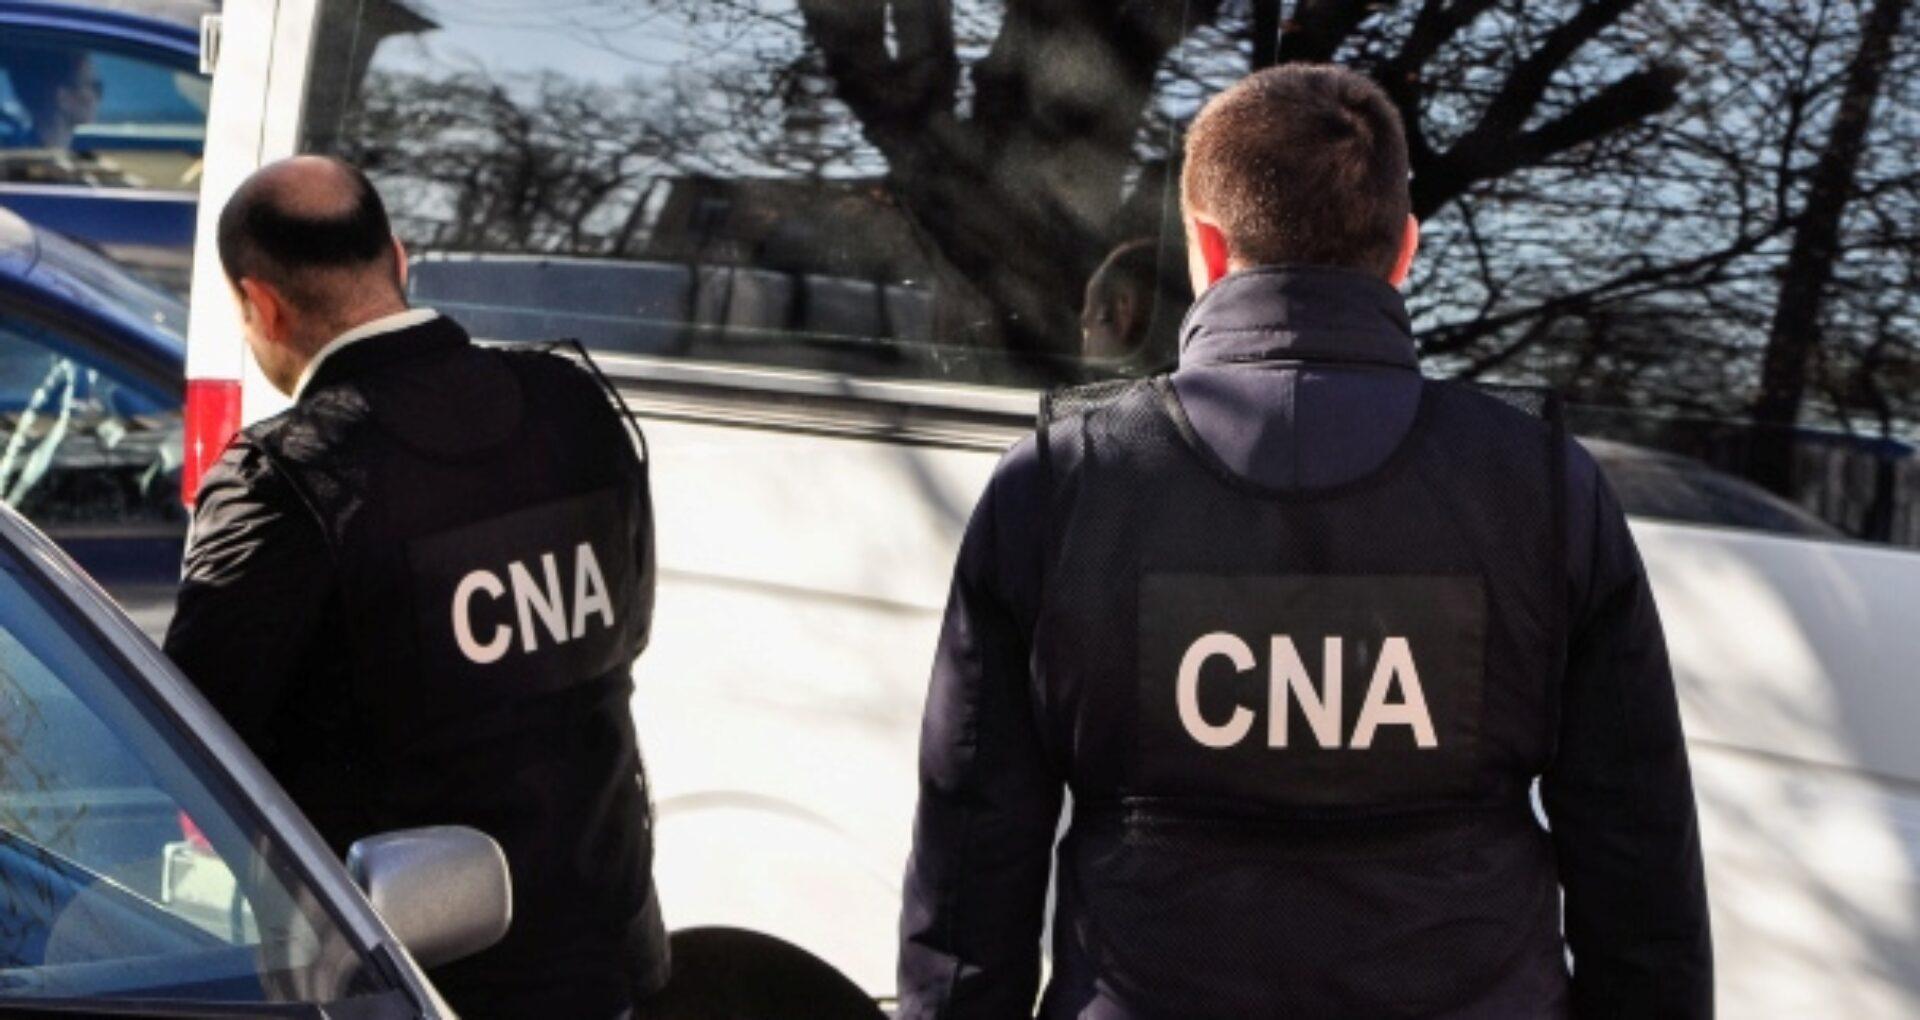 Ultimă oră: cinci judecători de la Curtea de Apel Chișinău și Judecătoria Chișinău, vizați în dosare de corupție